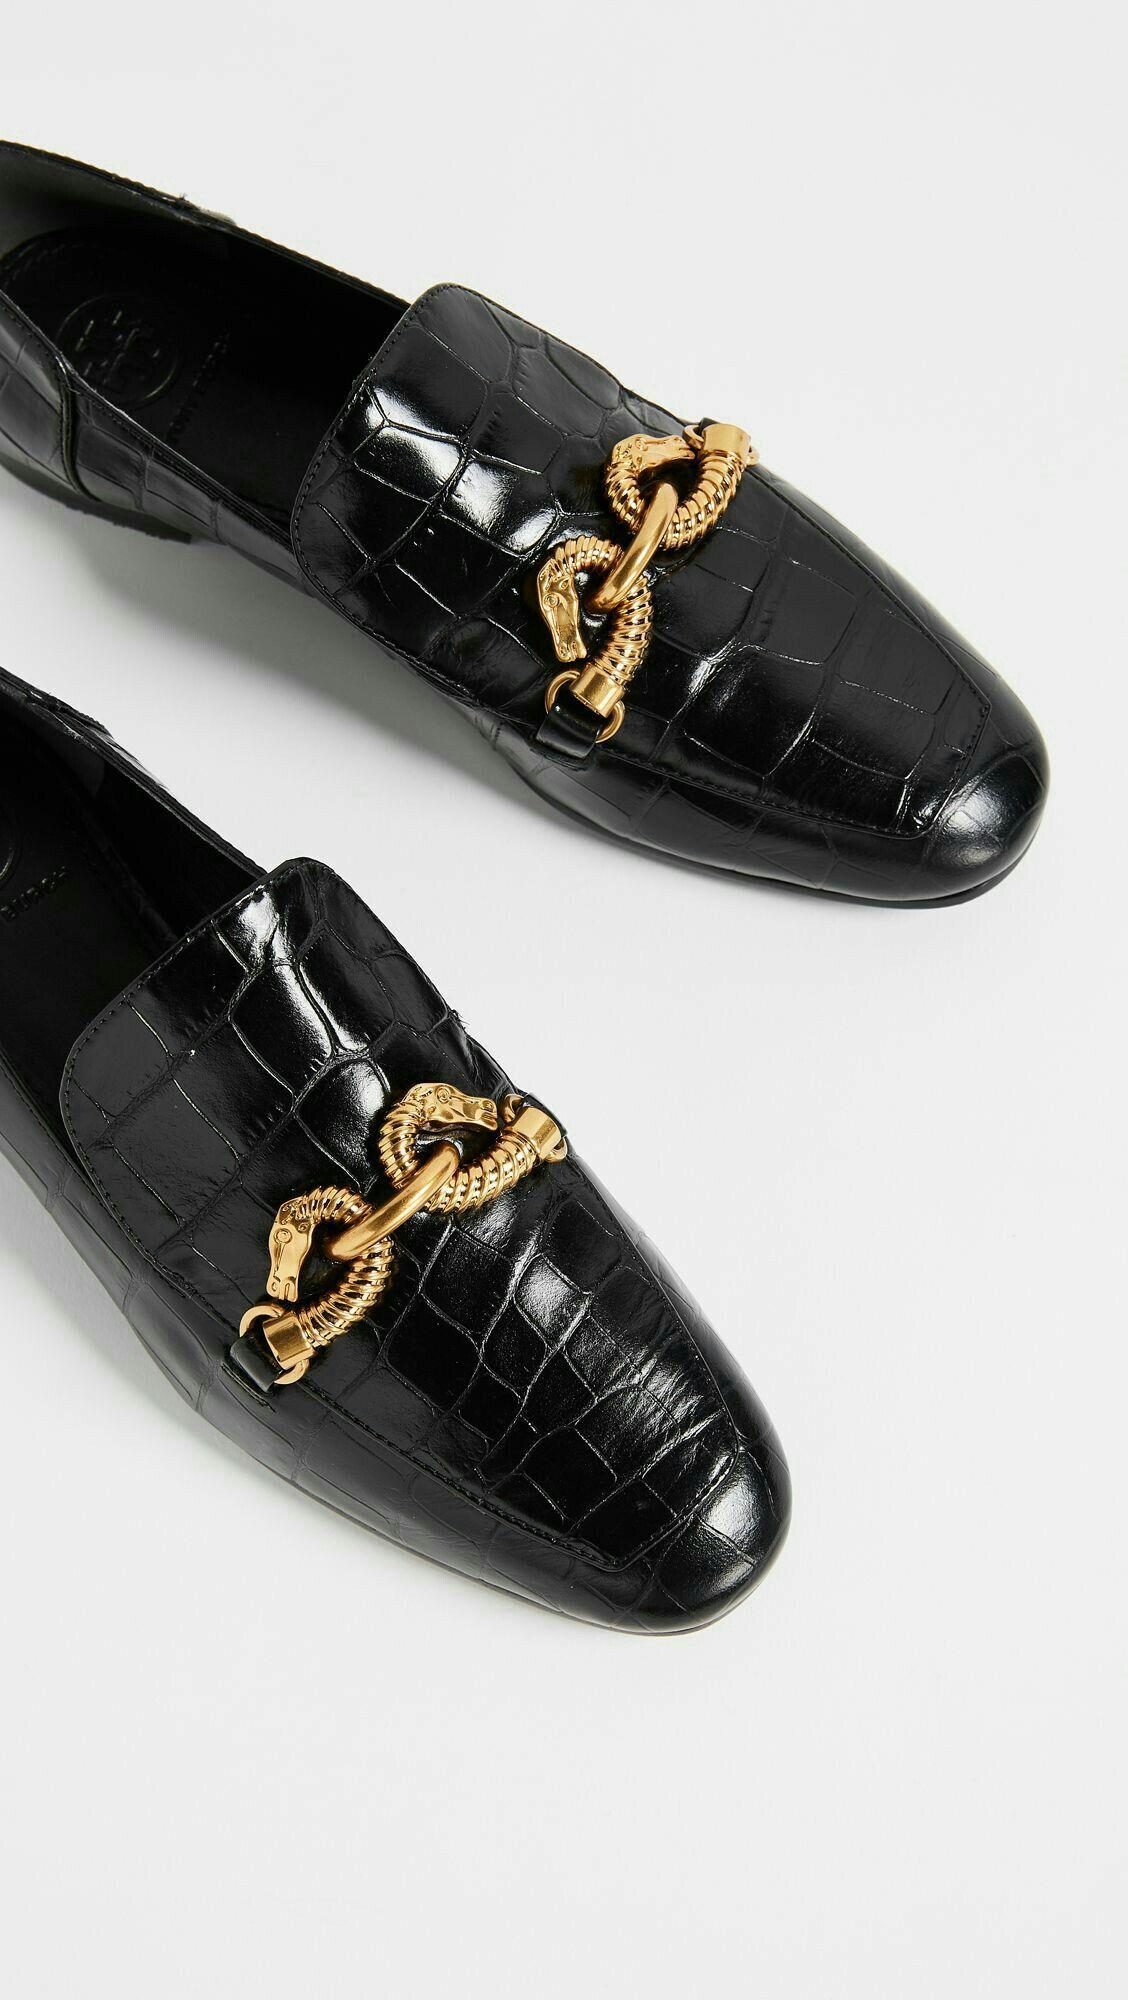 df6ab6e1b Ver Sapatos, Vestido Branco, Sapatos Femininos, Mulher, Outfit Loafers,  Mocassins Homens